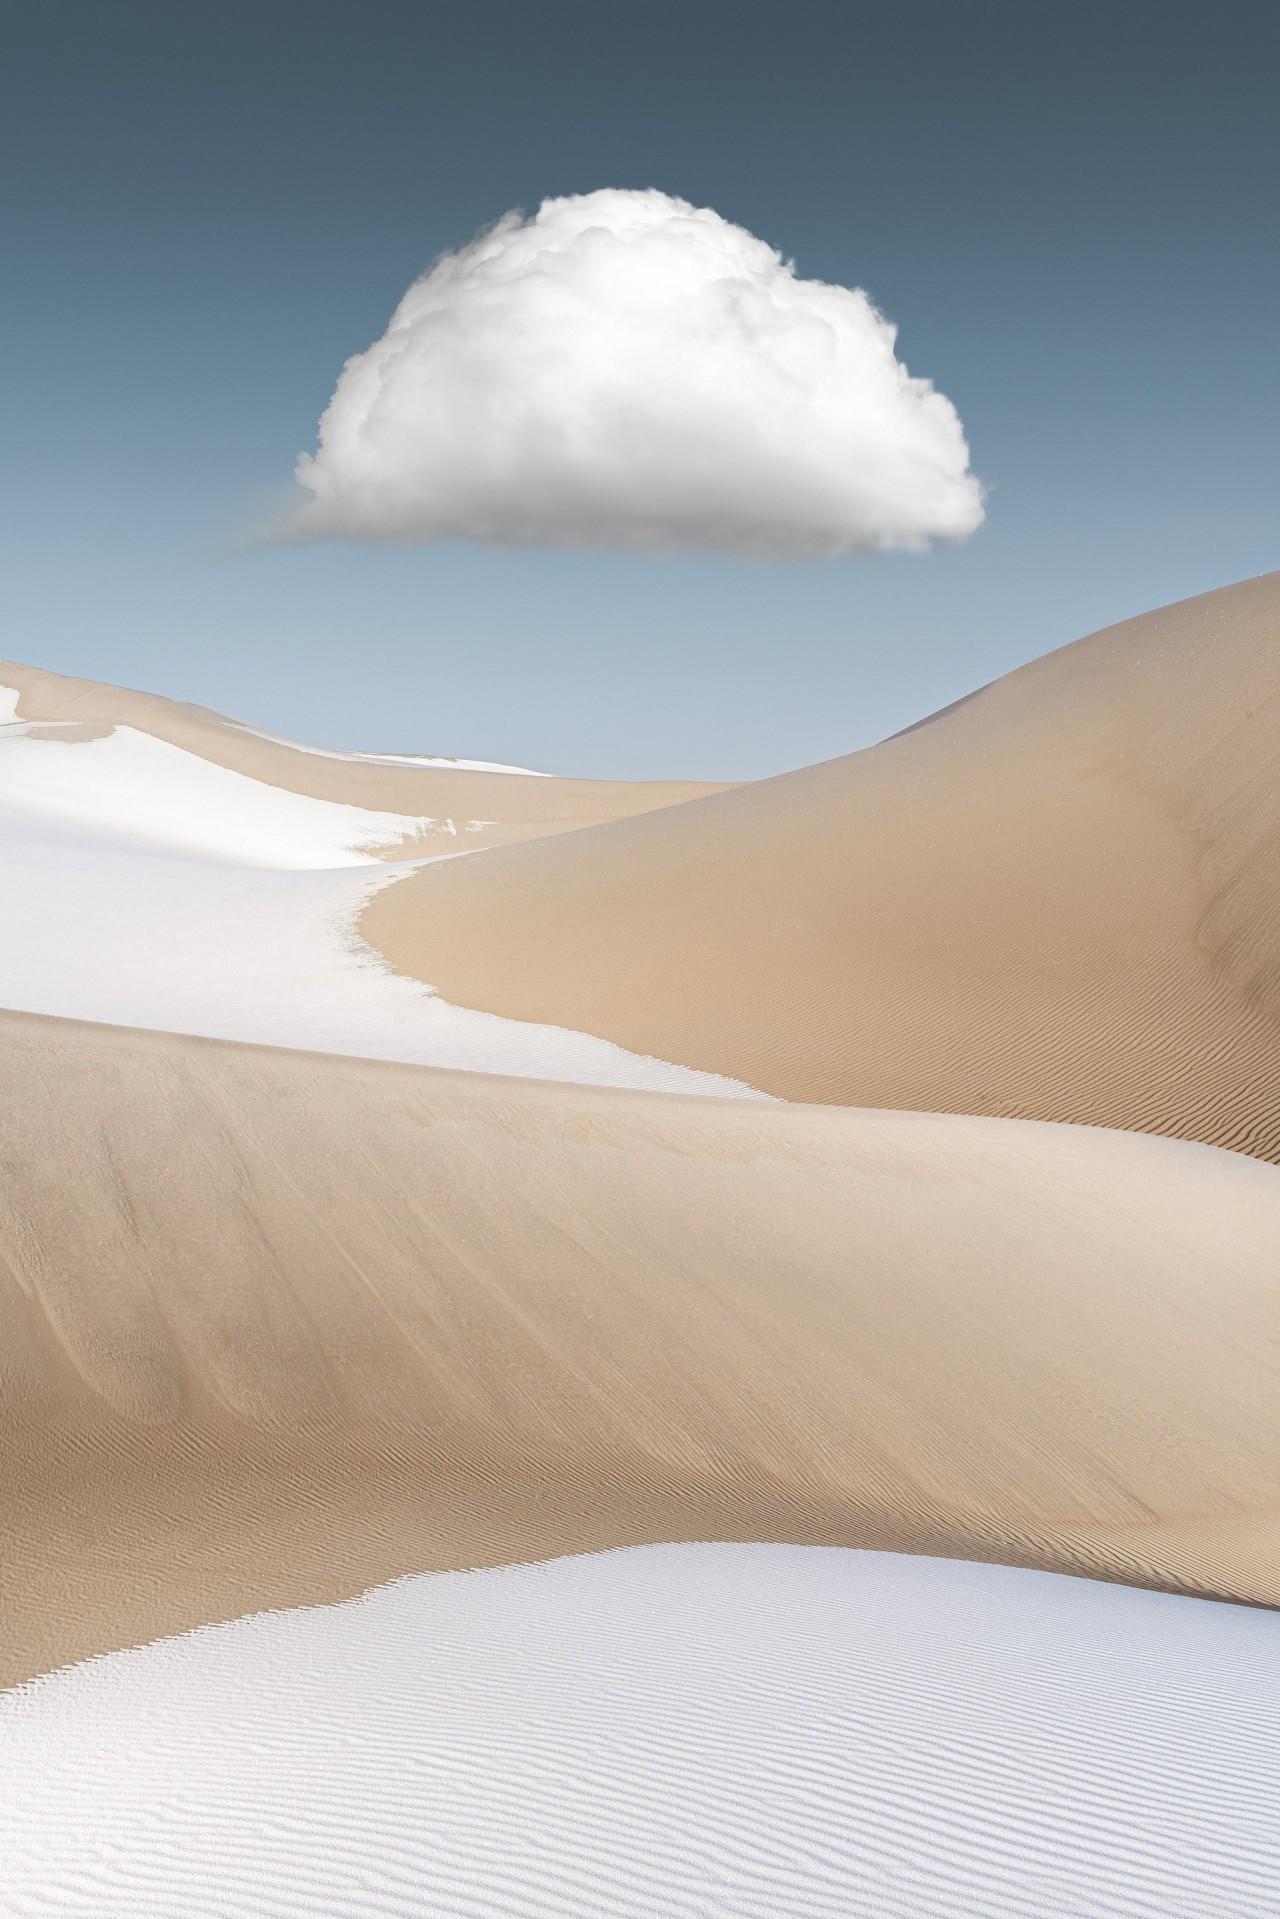 2 место в номинации «Пейзажный фотограф года» 2019. Облако над песками и снегом в пустыне Бадын-Джаран, Китай. Автор Ян Гуан